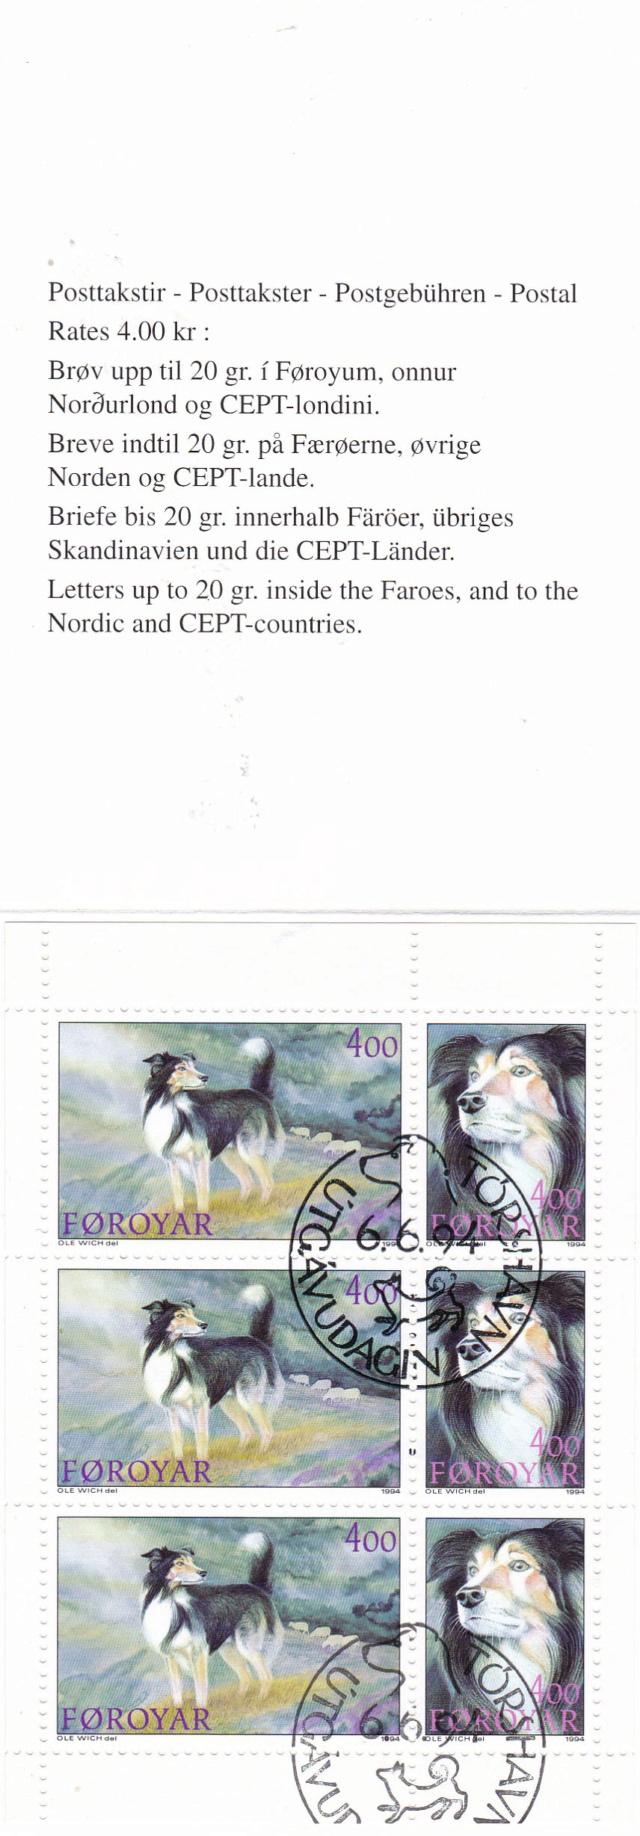 Mein Sammelgebiet: Färöer Inseln Img_2406